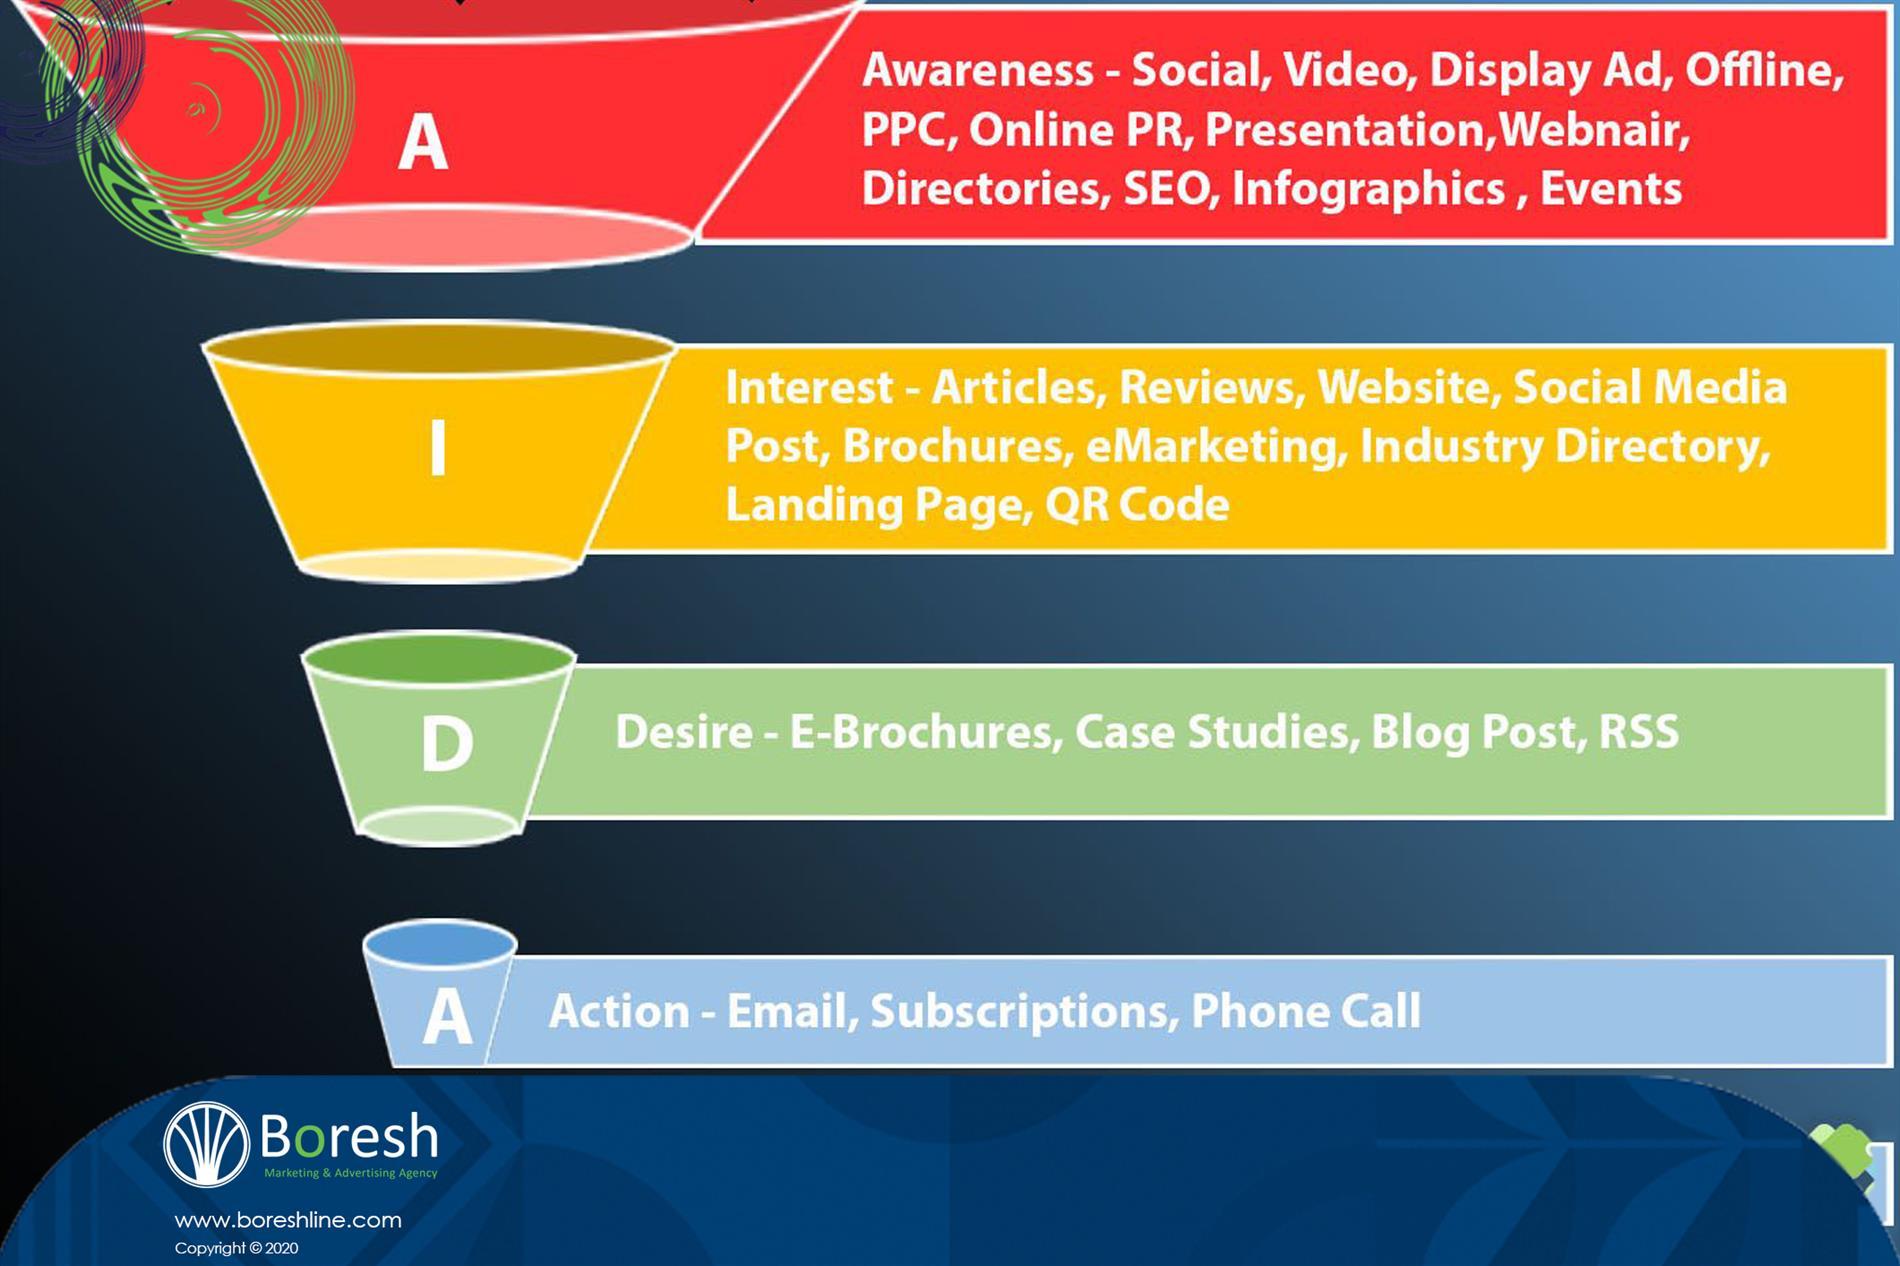 مدل آیدا - گروه برندسازی، تبلیغات،بازاریابی و توسعه کسب و کار برش